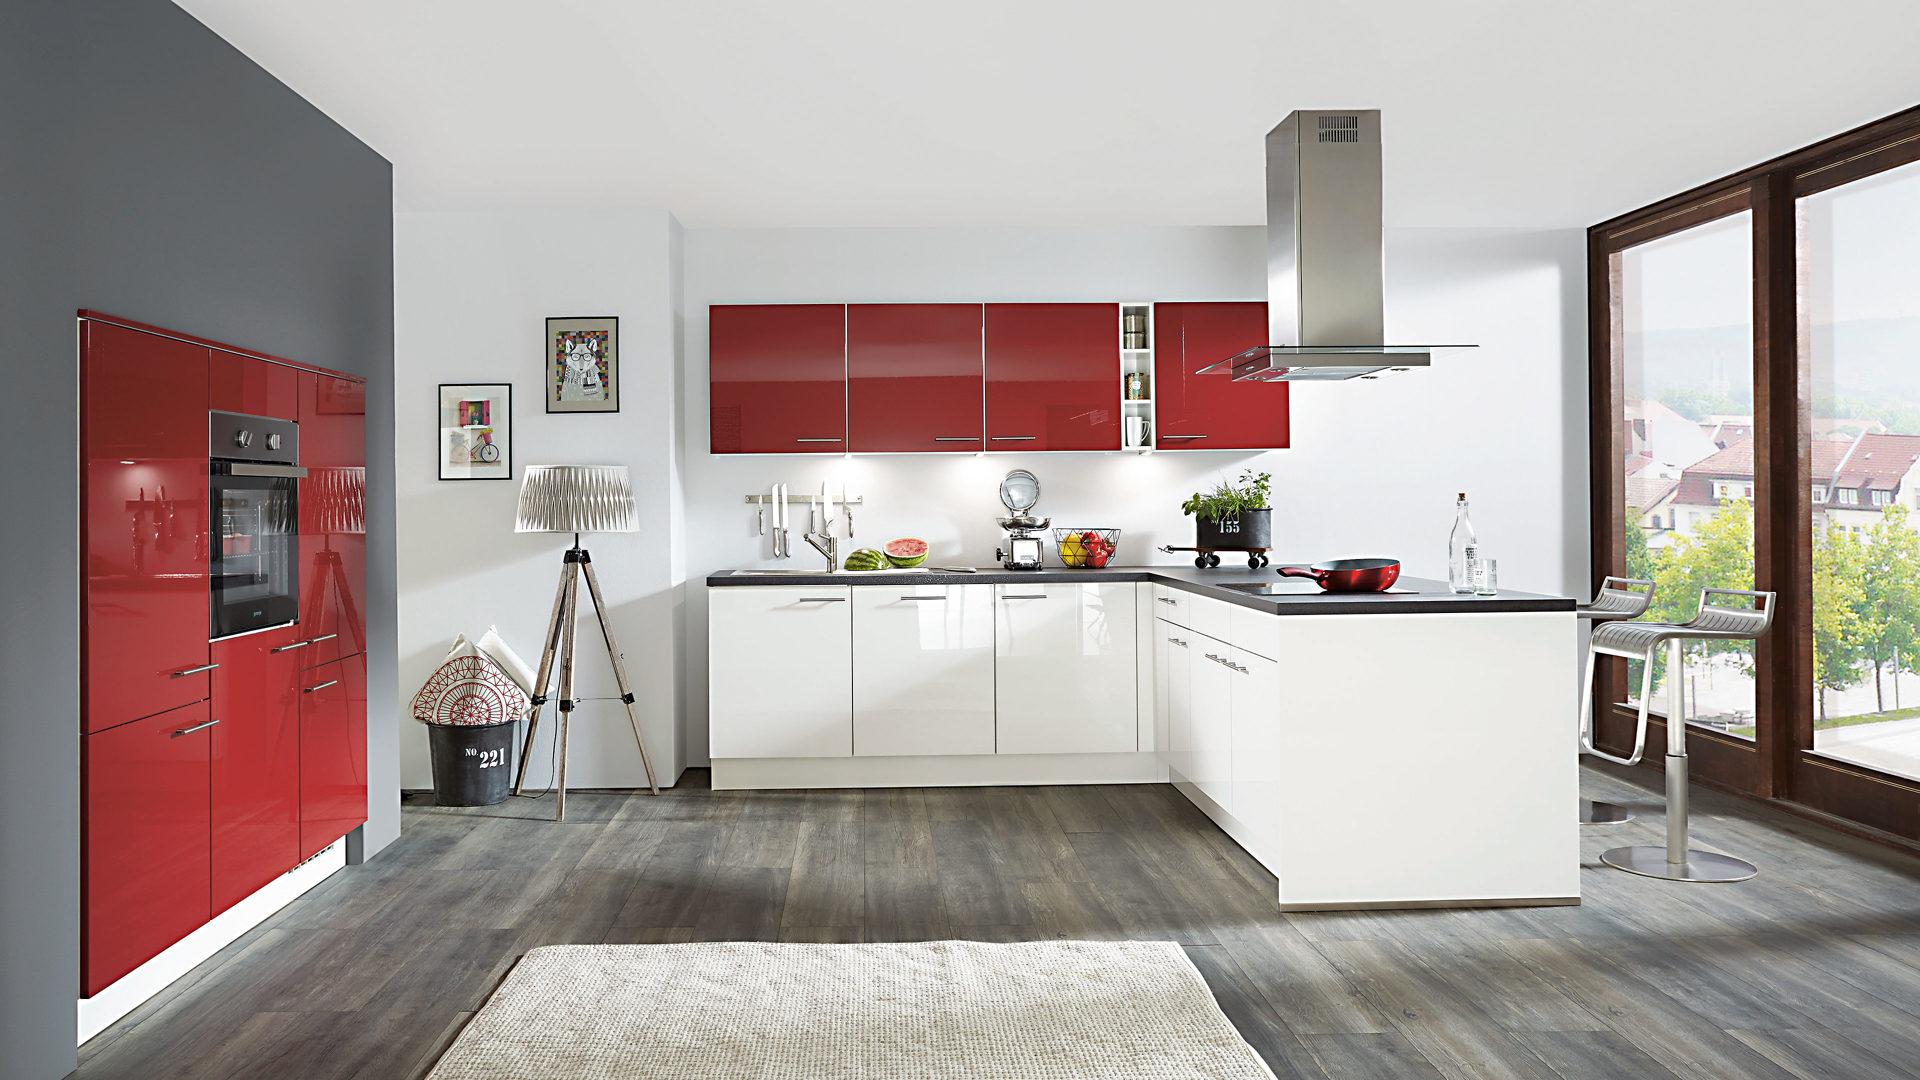 Fantastisch Schwarz Weiß Küche Ideen Und Rot Galerie - Ideen Für Die ...